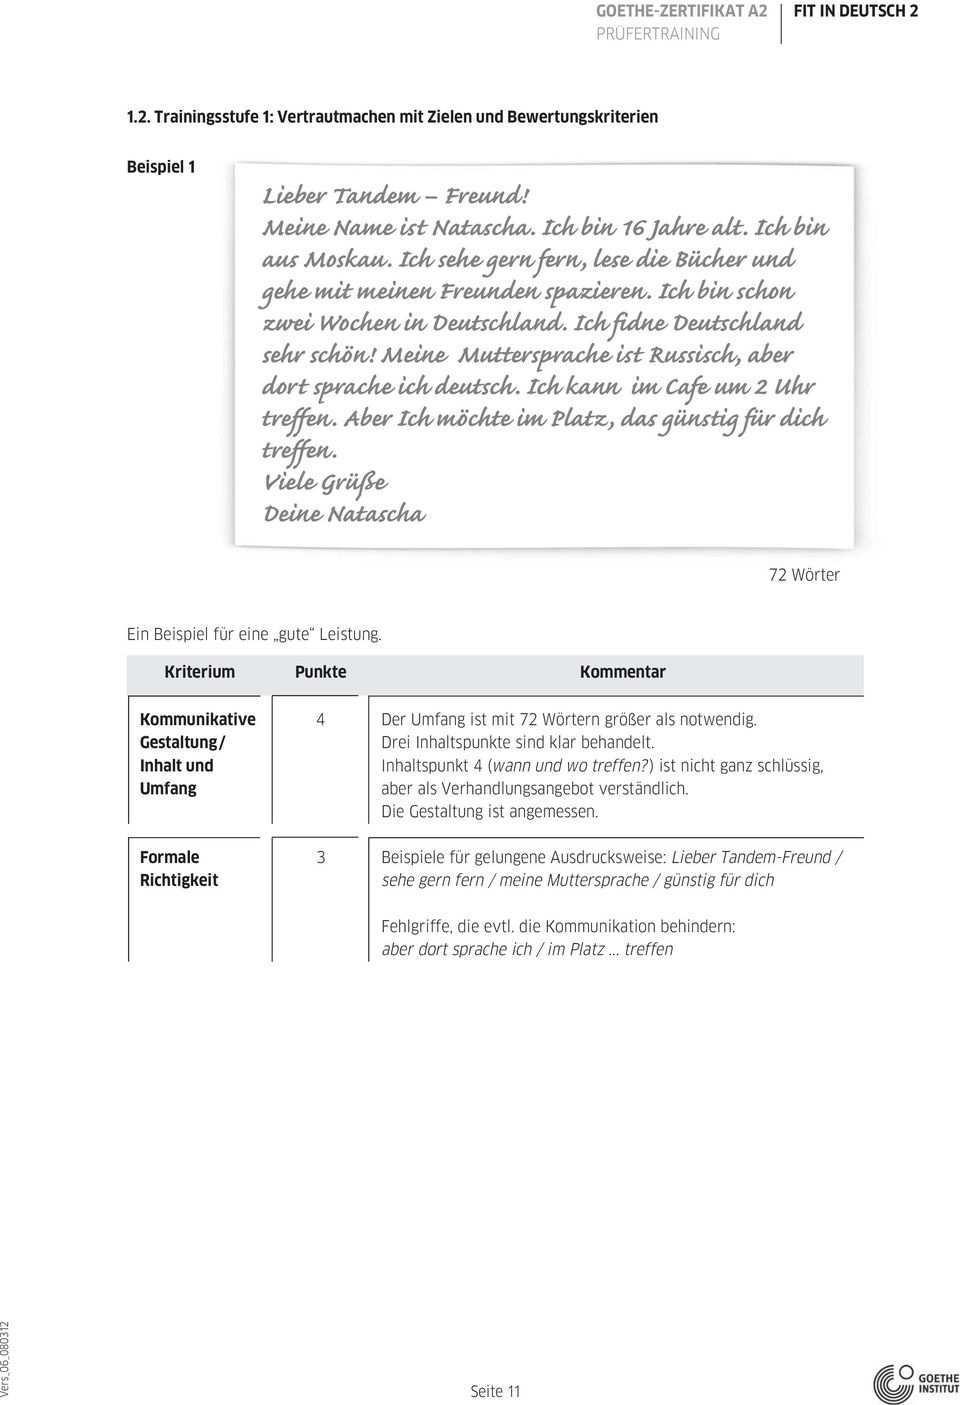 Goethe Zertifikat A2 Pdf Kostenfreier Download